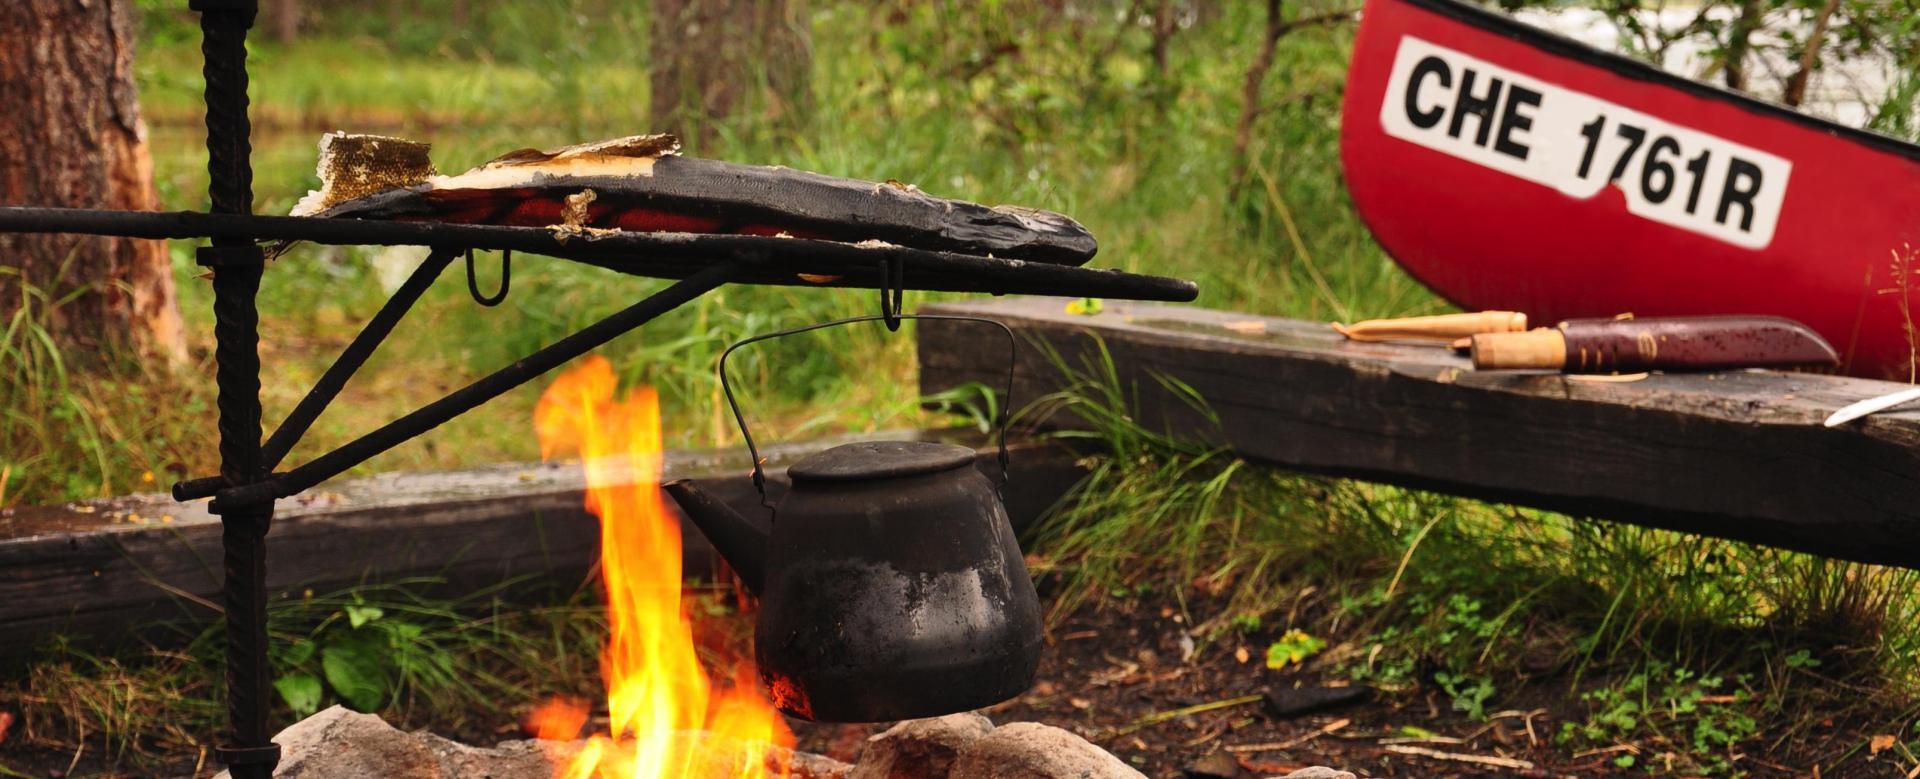 Voyage sur l'eau : La finlande en randonnée, canoë et vtt